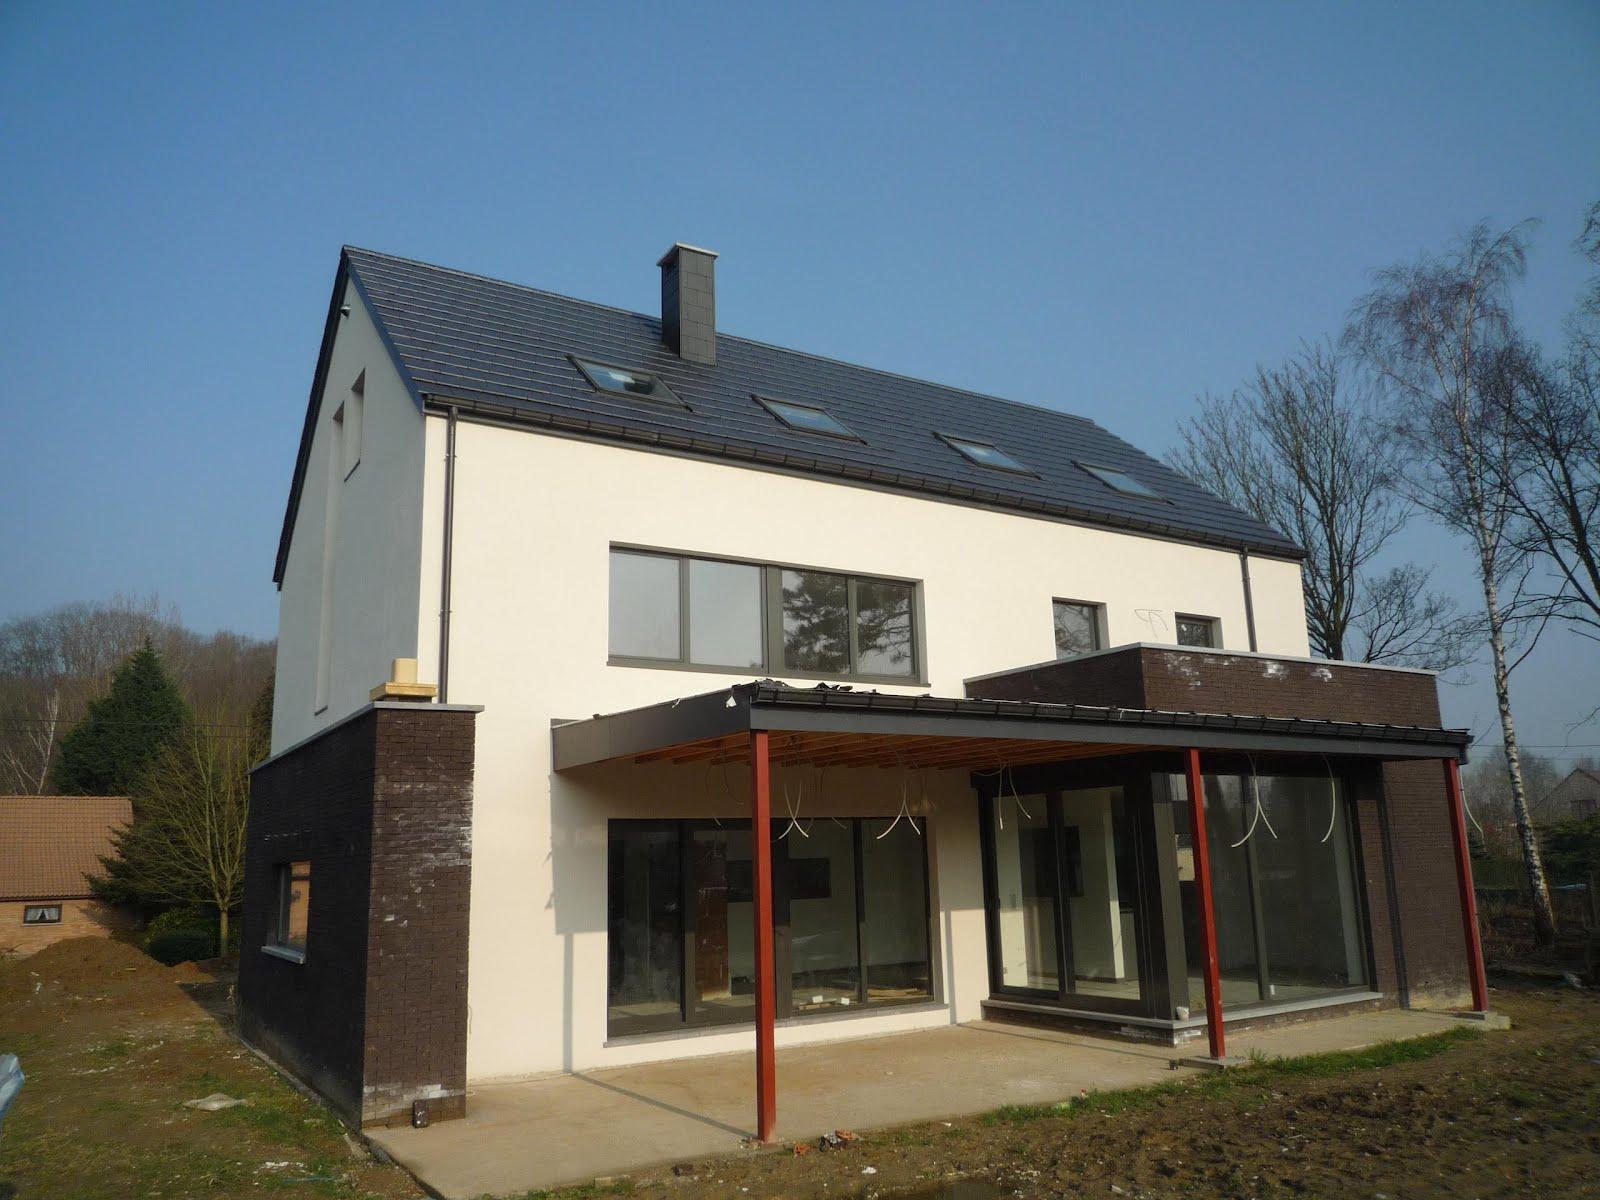 Architecte archi simple sprl maison delaey symons for Maison simple